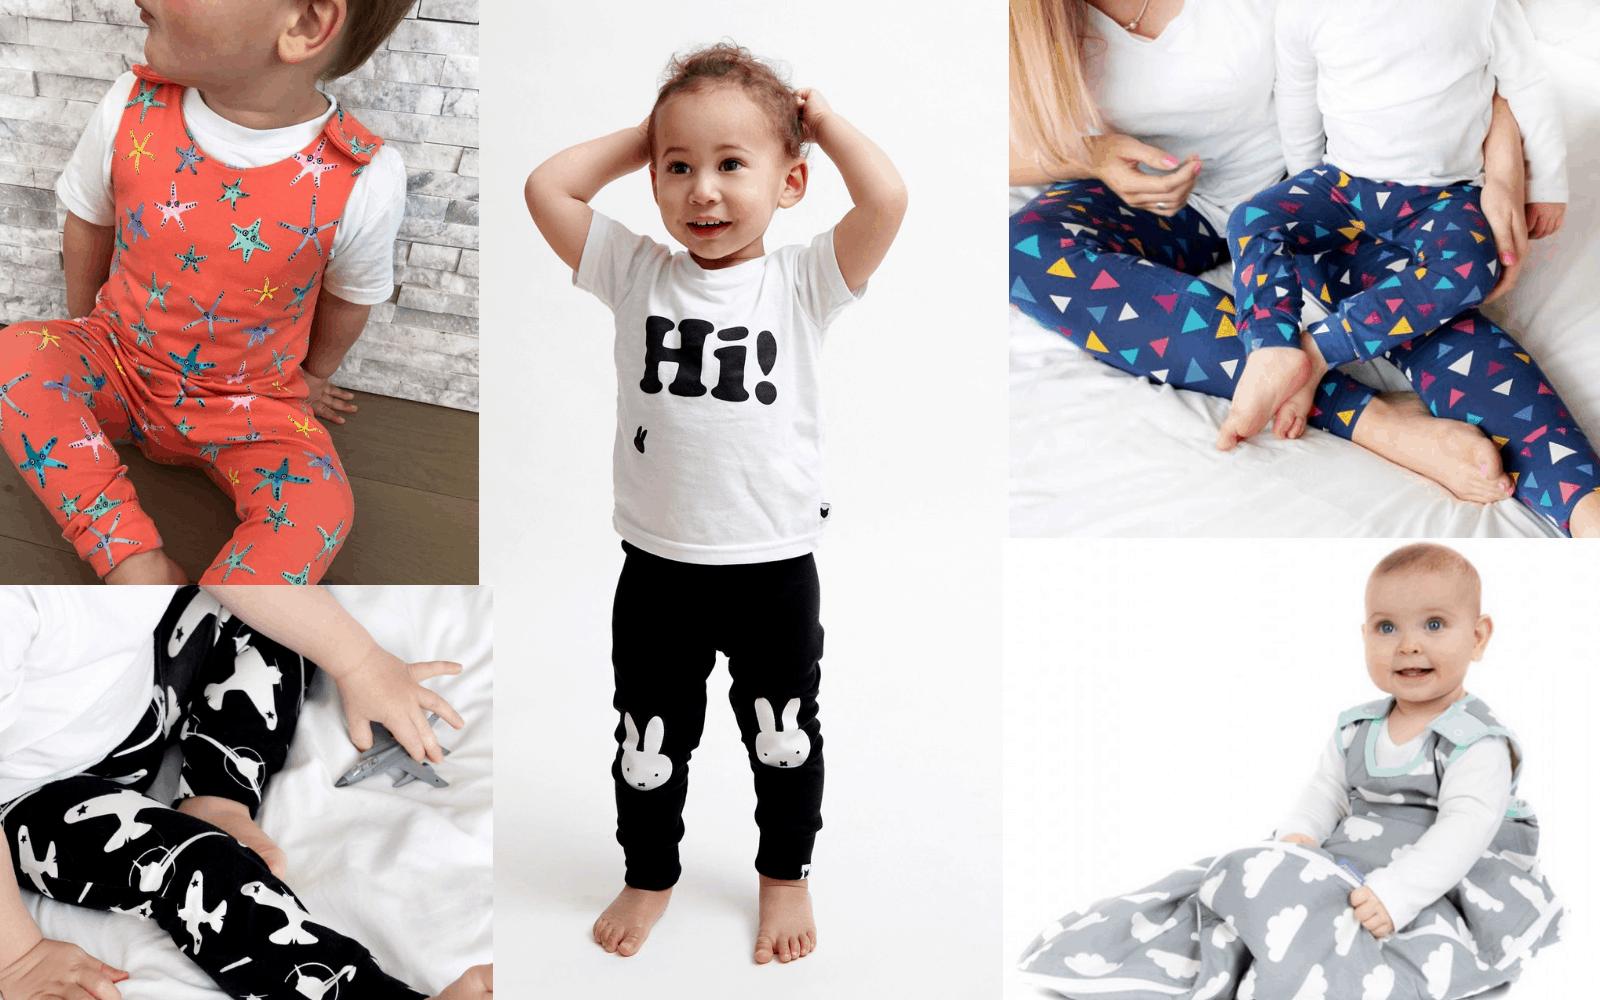 best gender neutral baby brands - unisex baby clothes - gender neutral - baby